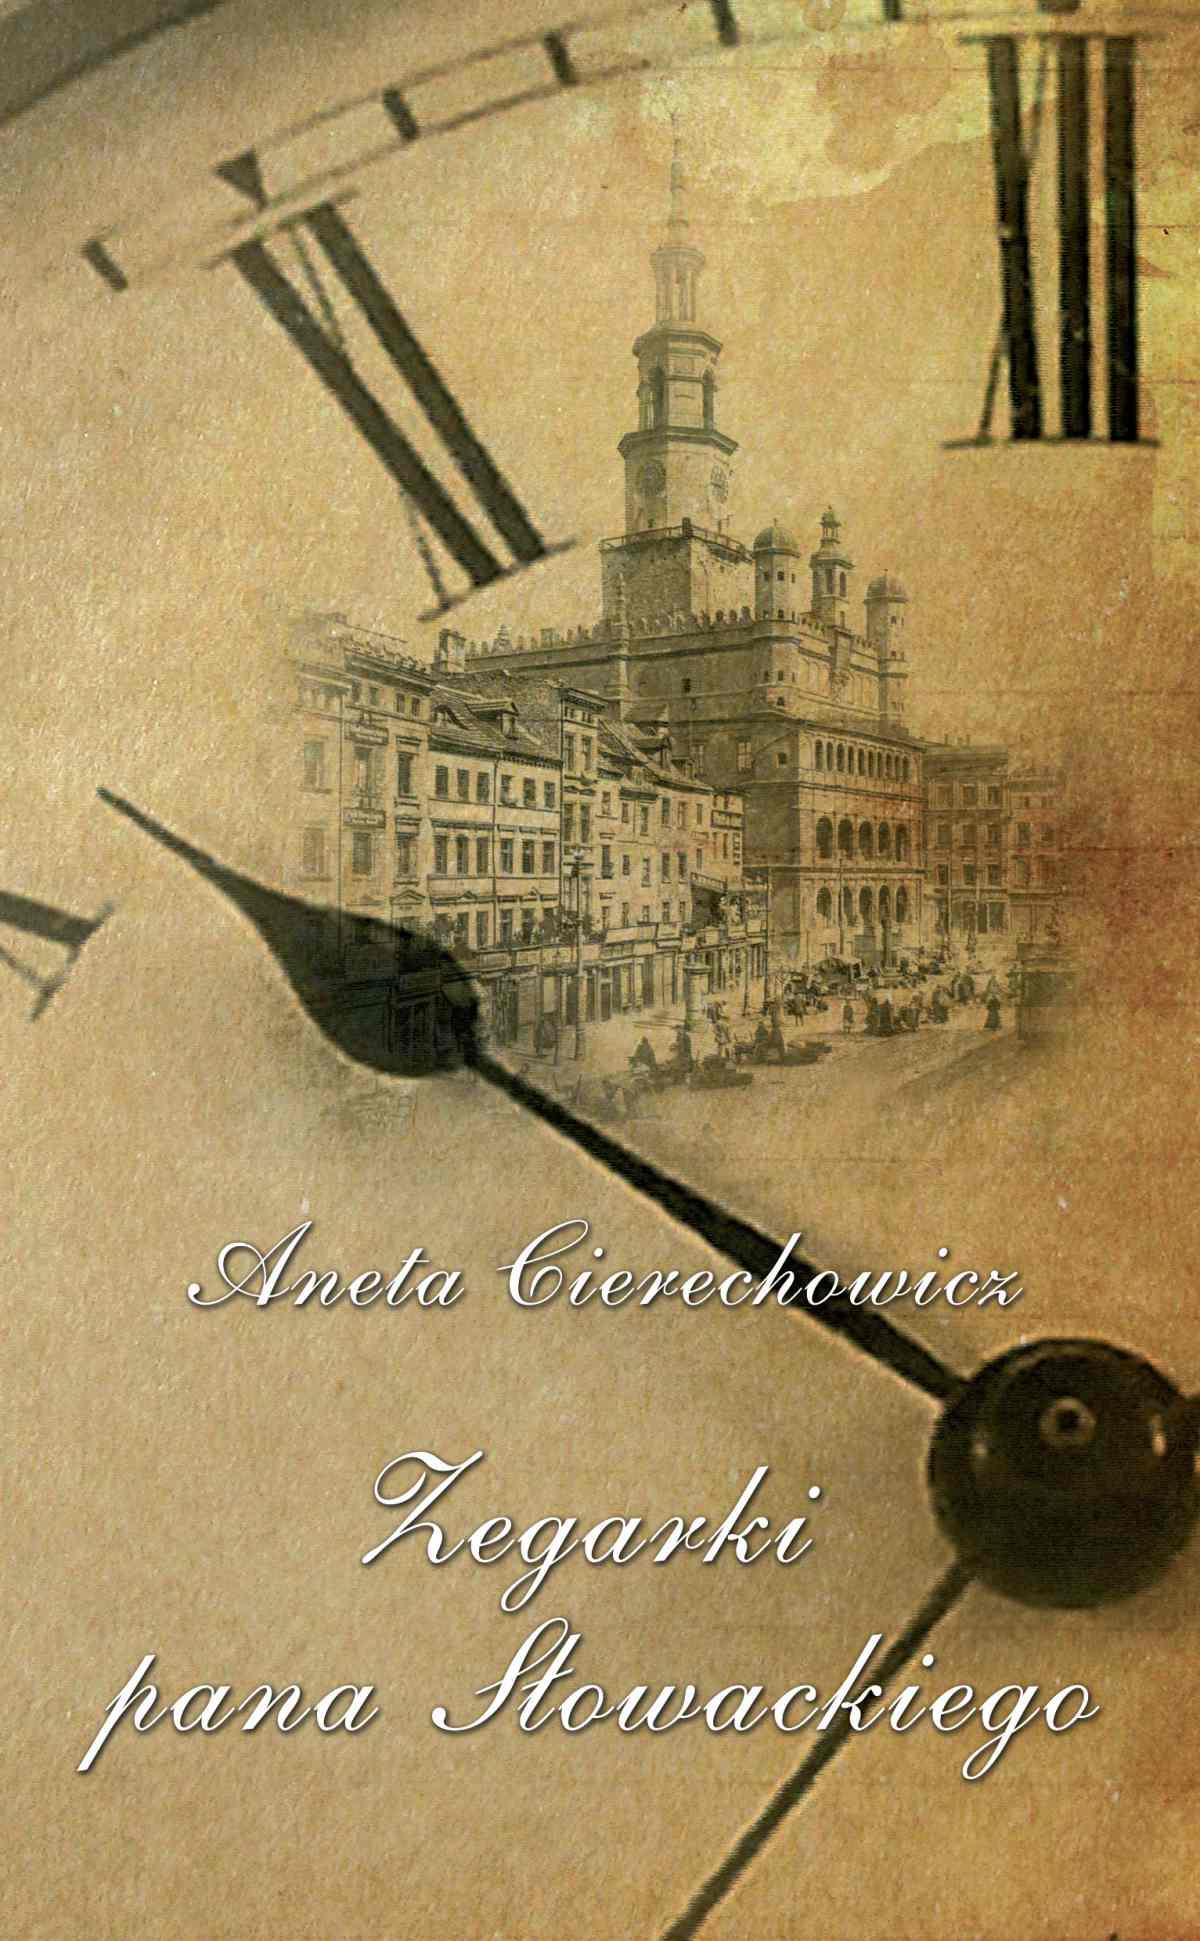 Zegarki Pana Słowackiego - Ebook (Książka na Kindle) do pobrania w formacie MOBI